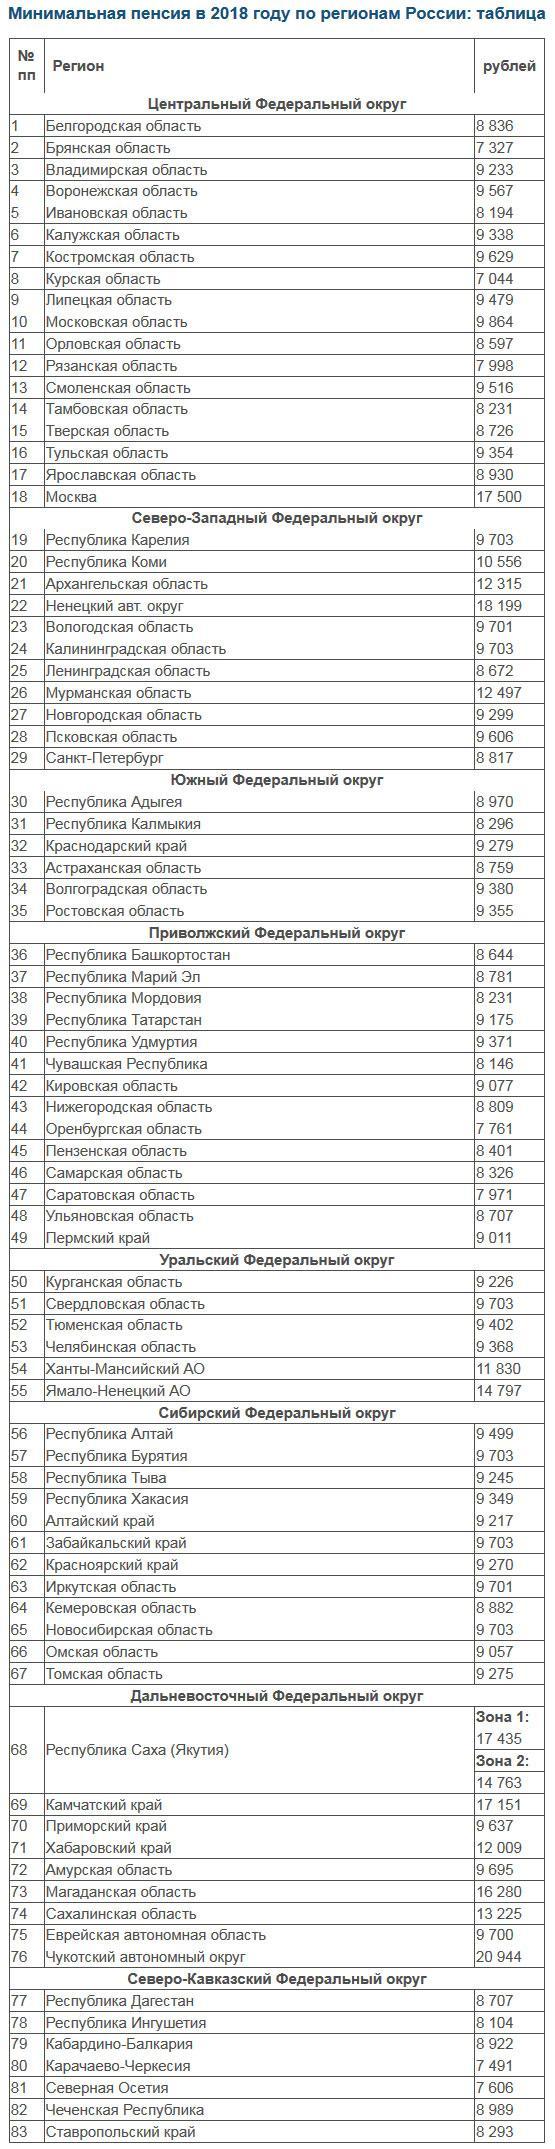 Минимальная пенсия в России в 2018 году по регионам: таблица